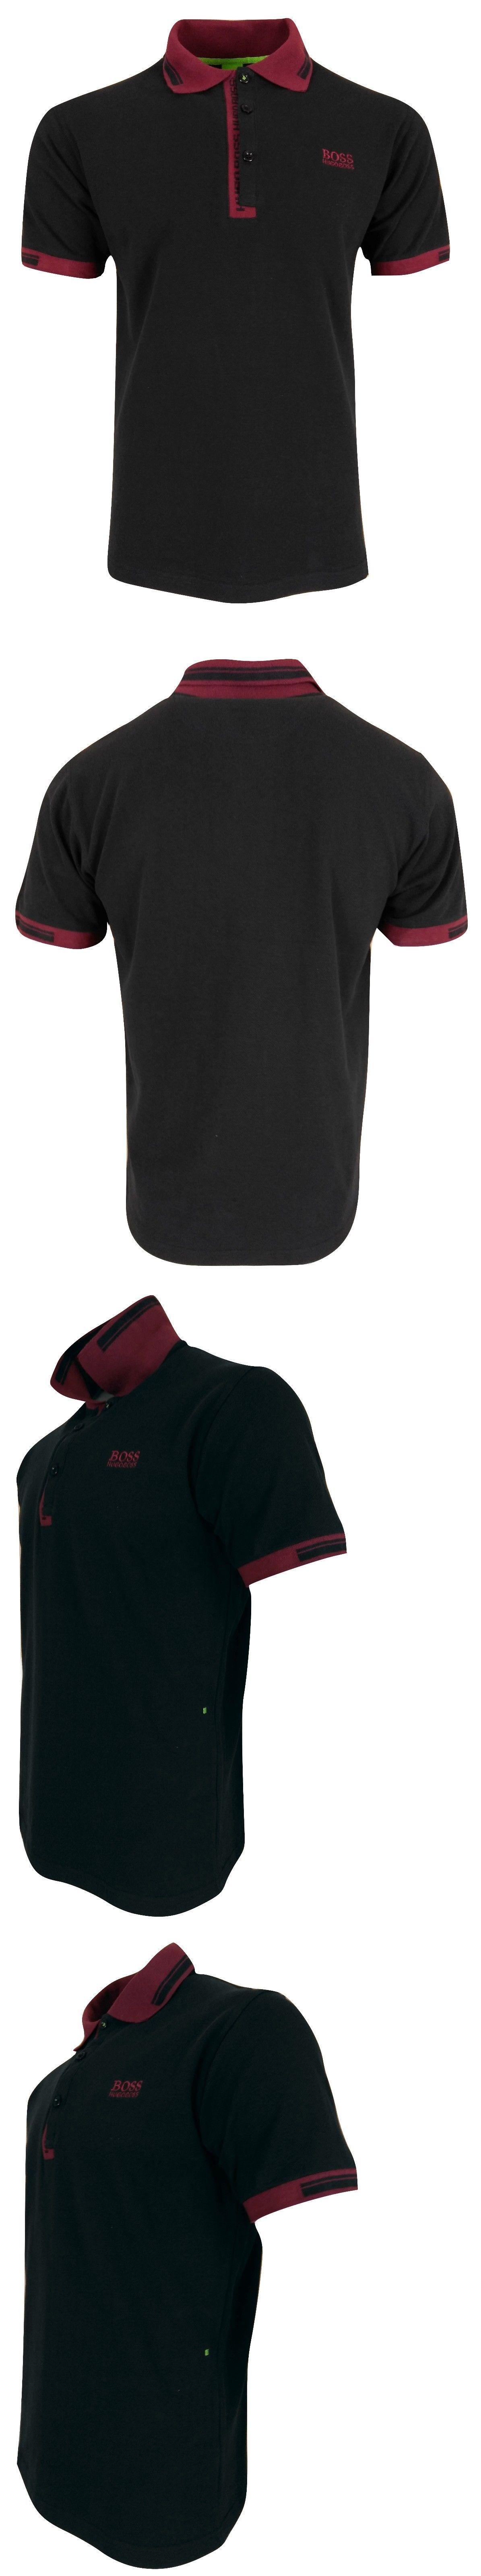 78cb68c96 Polos 185101: Hugo Boss Men'S Paule 4 Collar Detail S S Regular Fit Polo  Shirt -